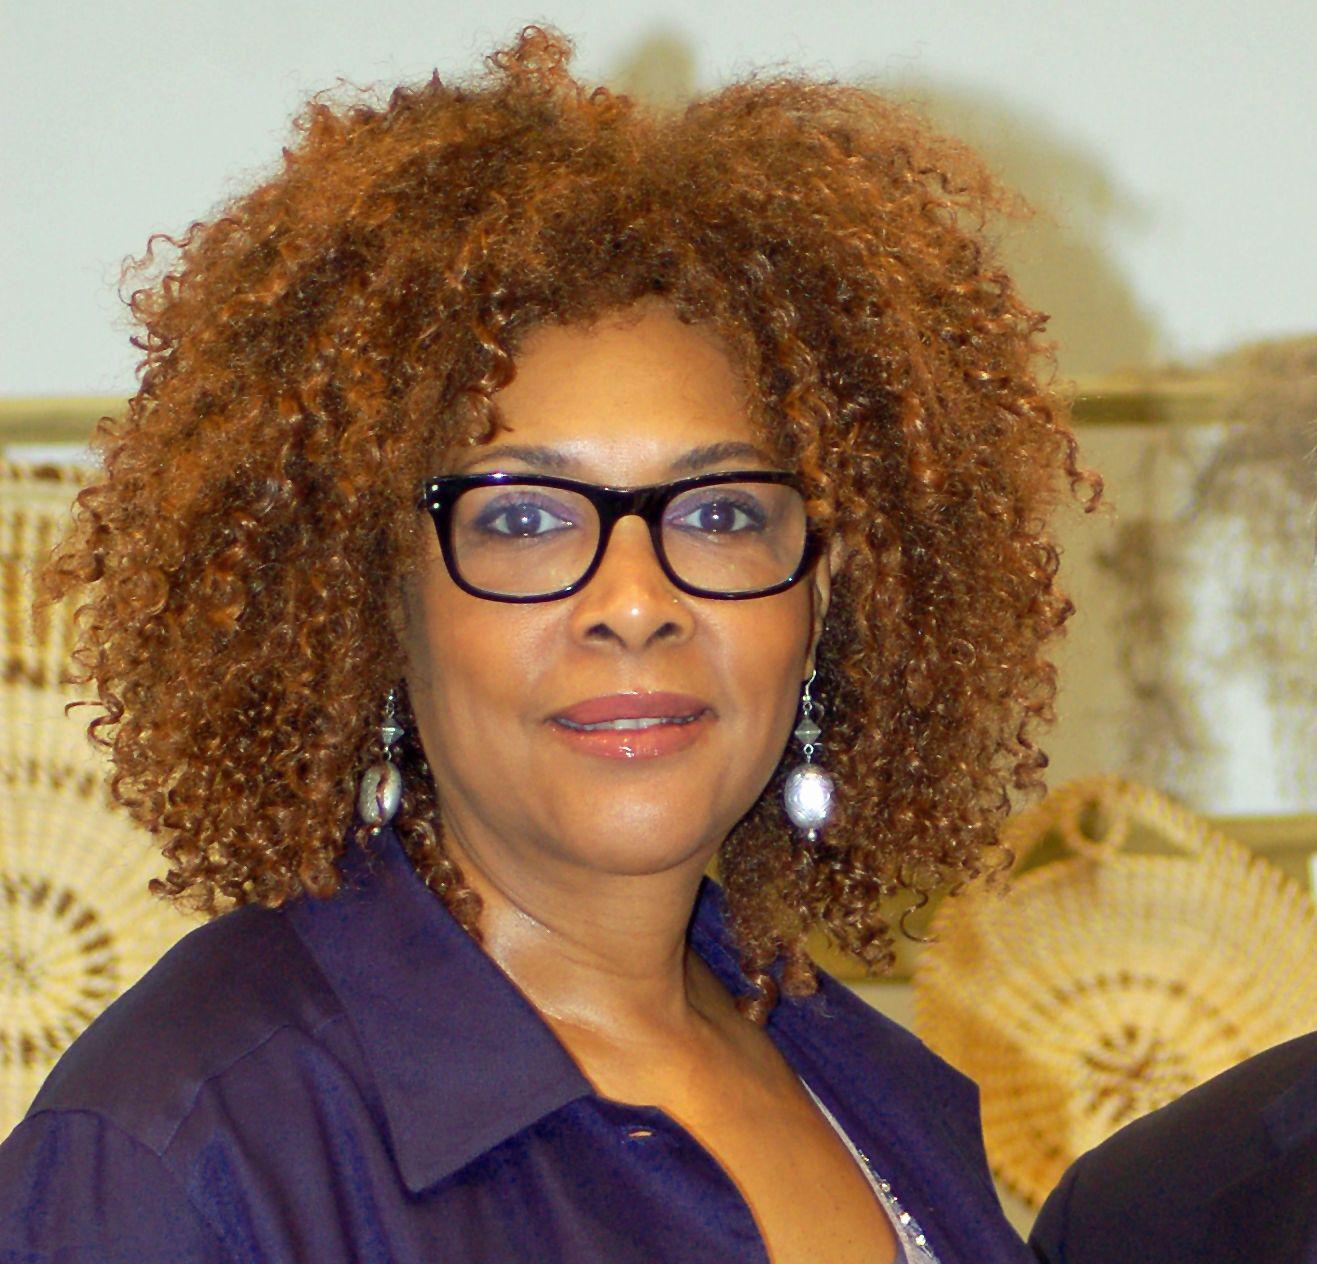 Julie Dash